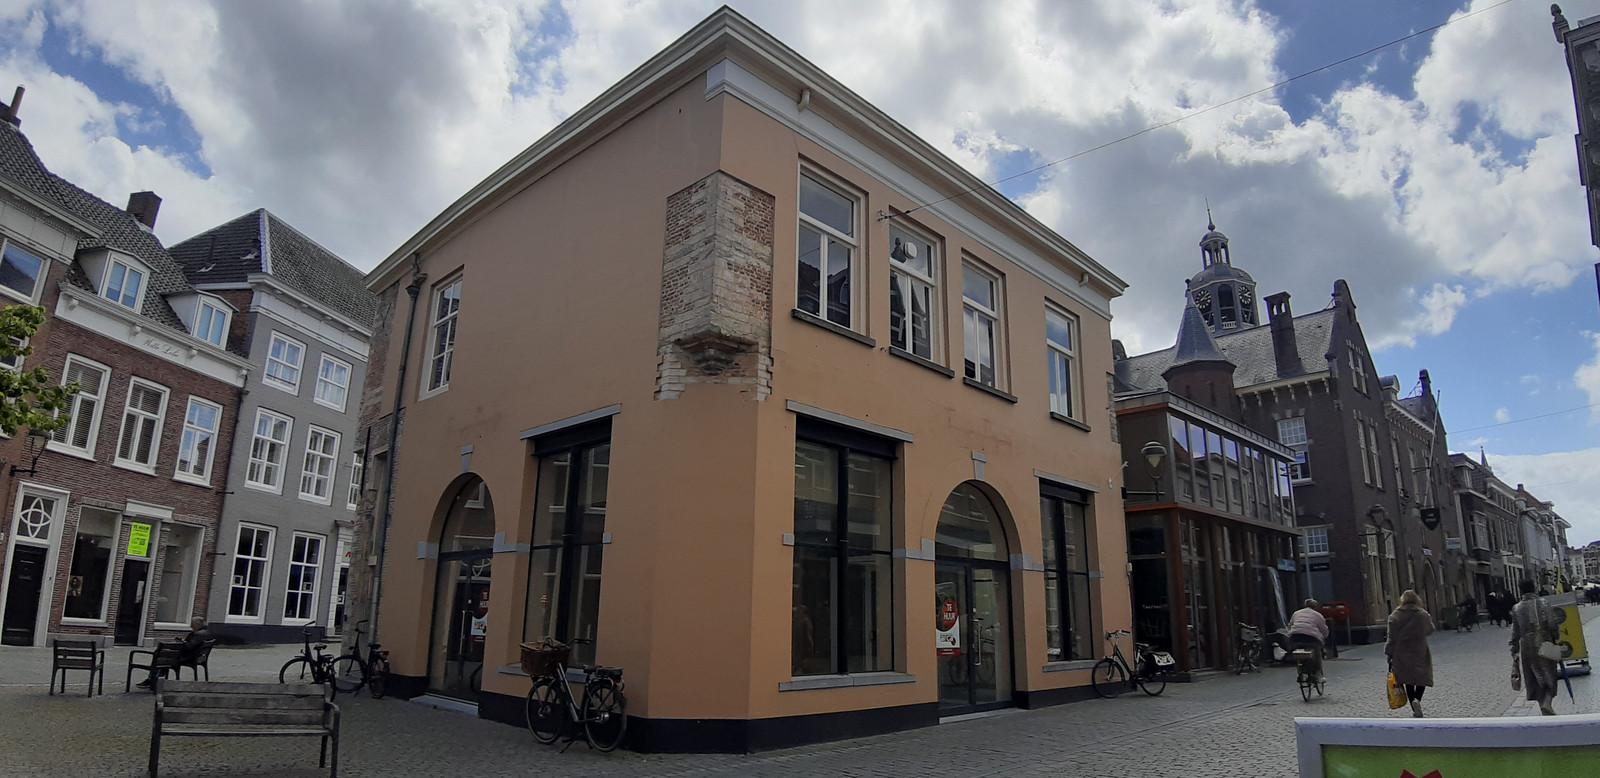 Coen Crusio wil met zijn ijssalon verhuizen naar rijksmonument de Waag aan de Zuivelstraat.